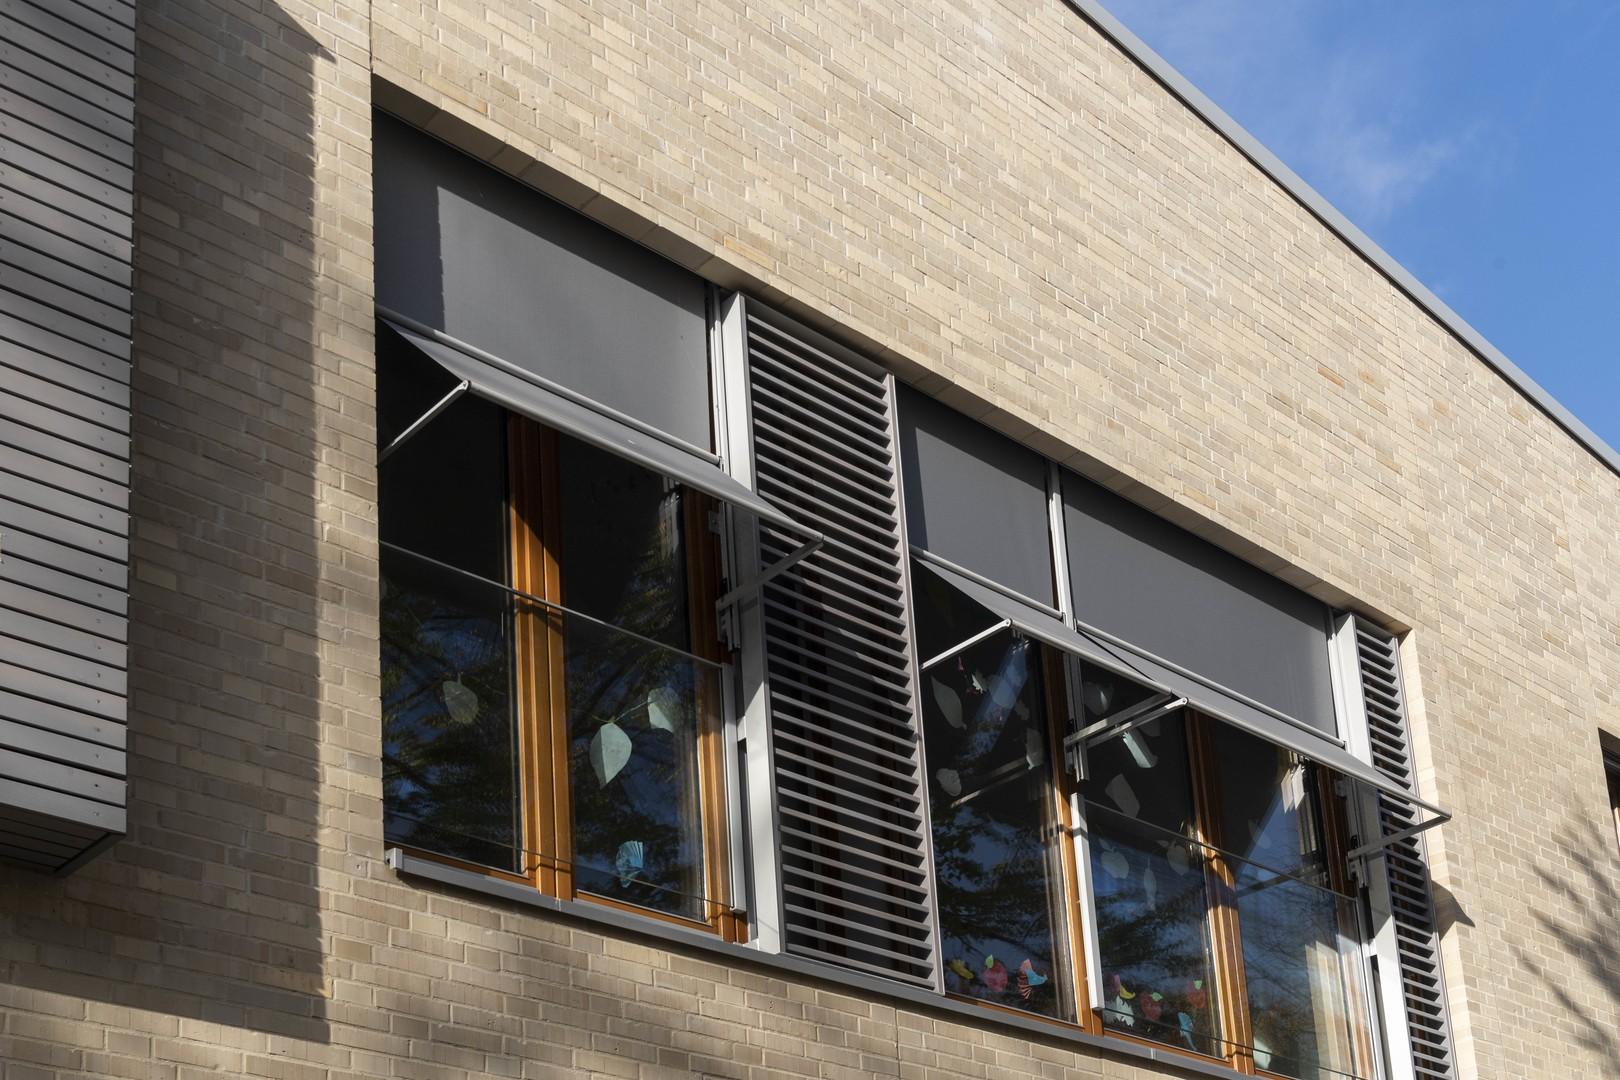 Full Size of Fenster Bremen Inspirationen Und Fassadenbau Tischlerei B Lammers Abdichten Schüco Online Sonnenschutz Jalousie Insektenschutz Für Schallschutz Fenster Fenster Bremen